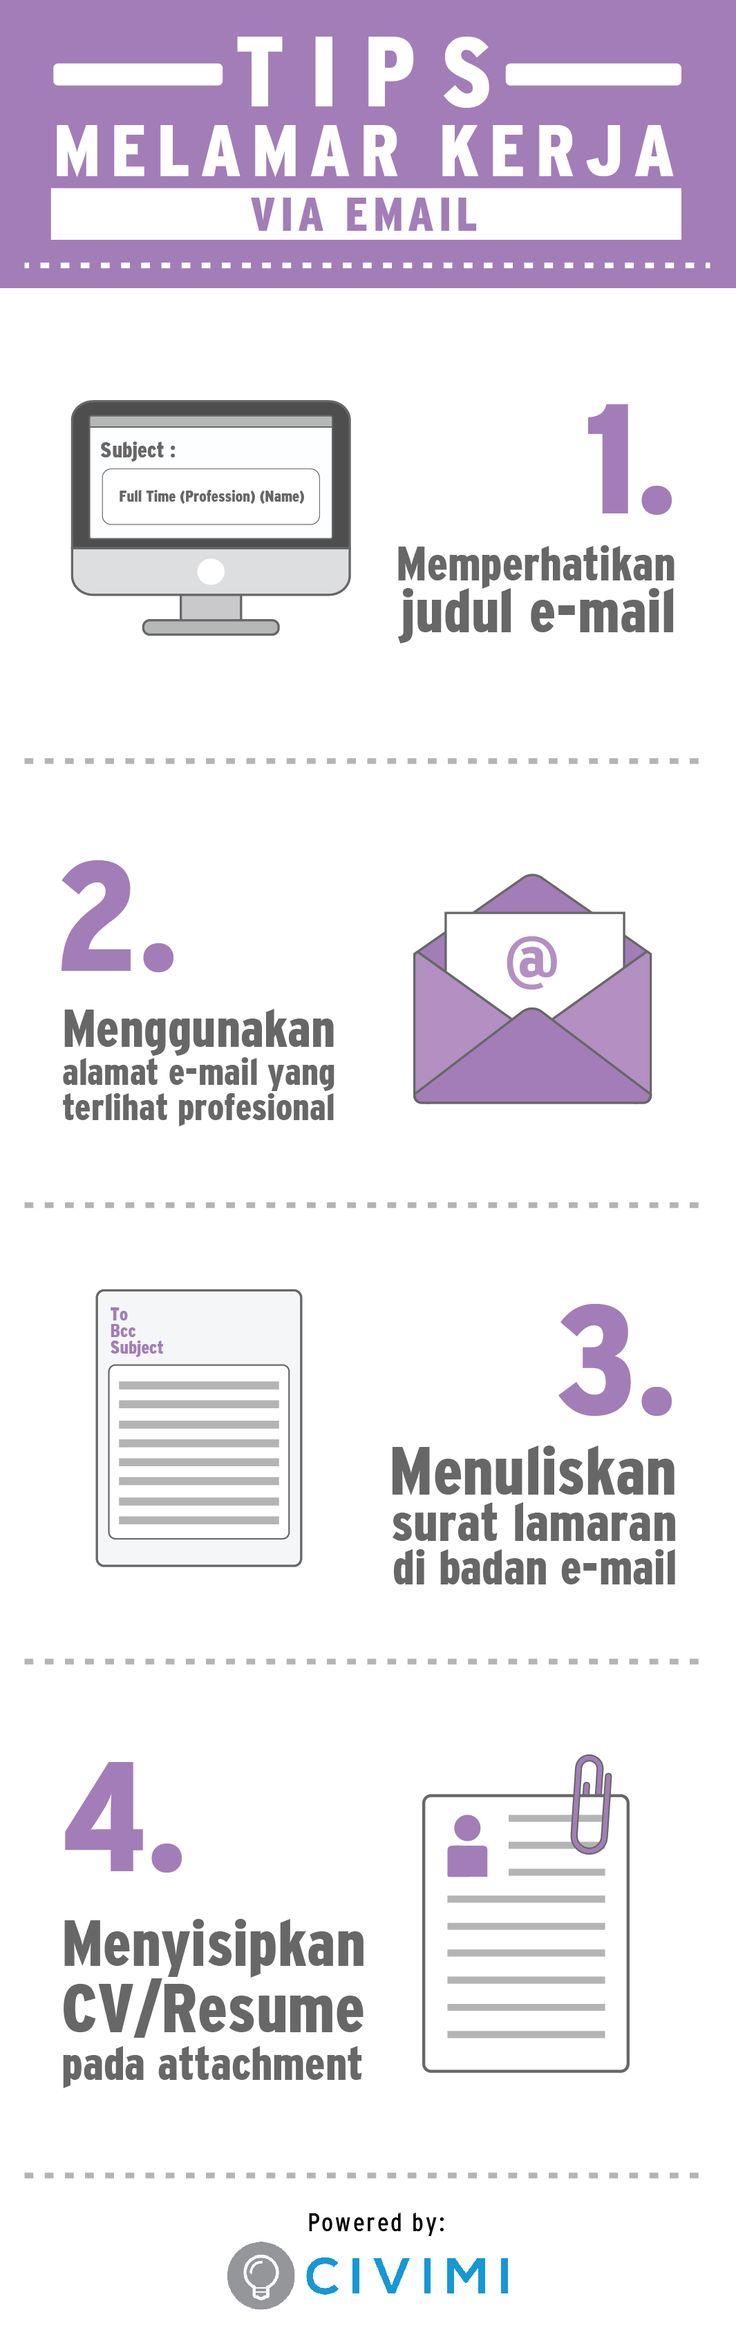 4 TIPS Melamar Kerja Via Email (Infographic) Belajar